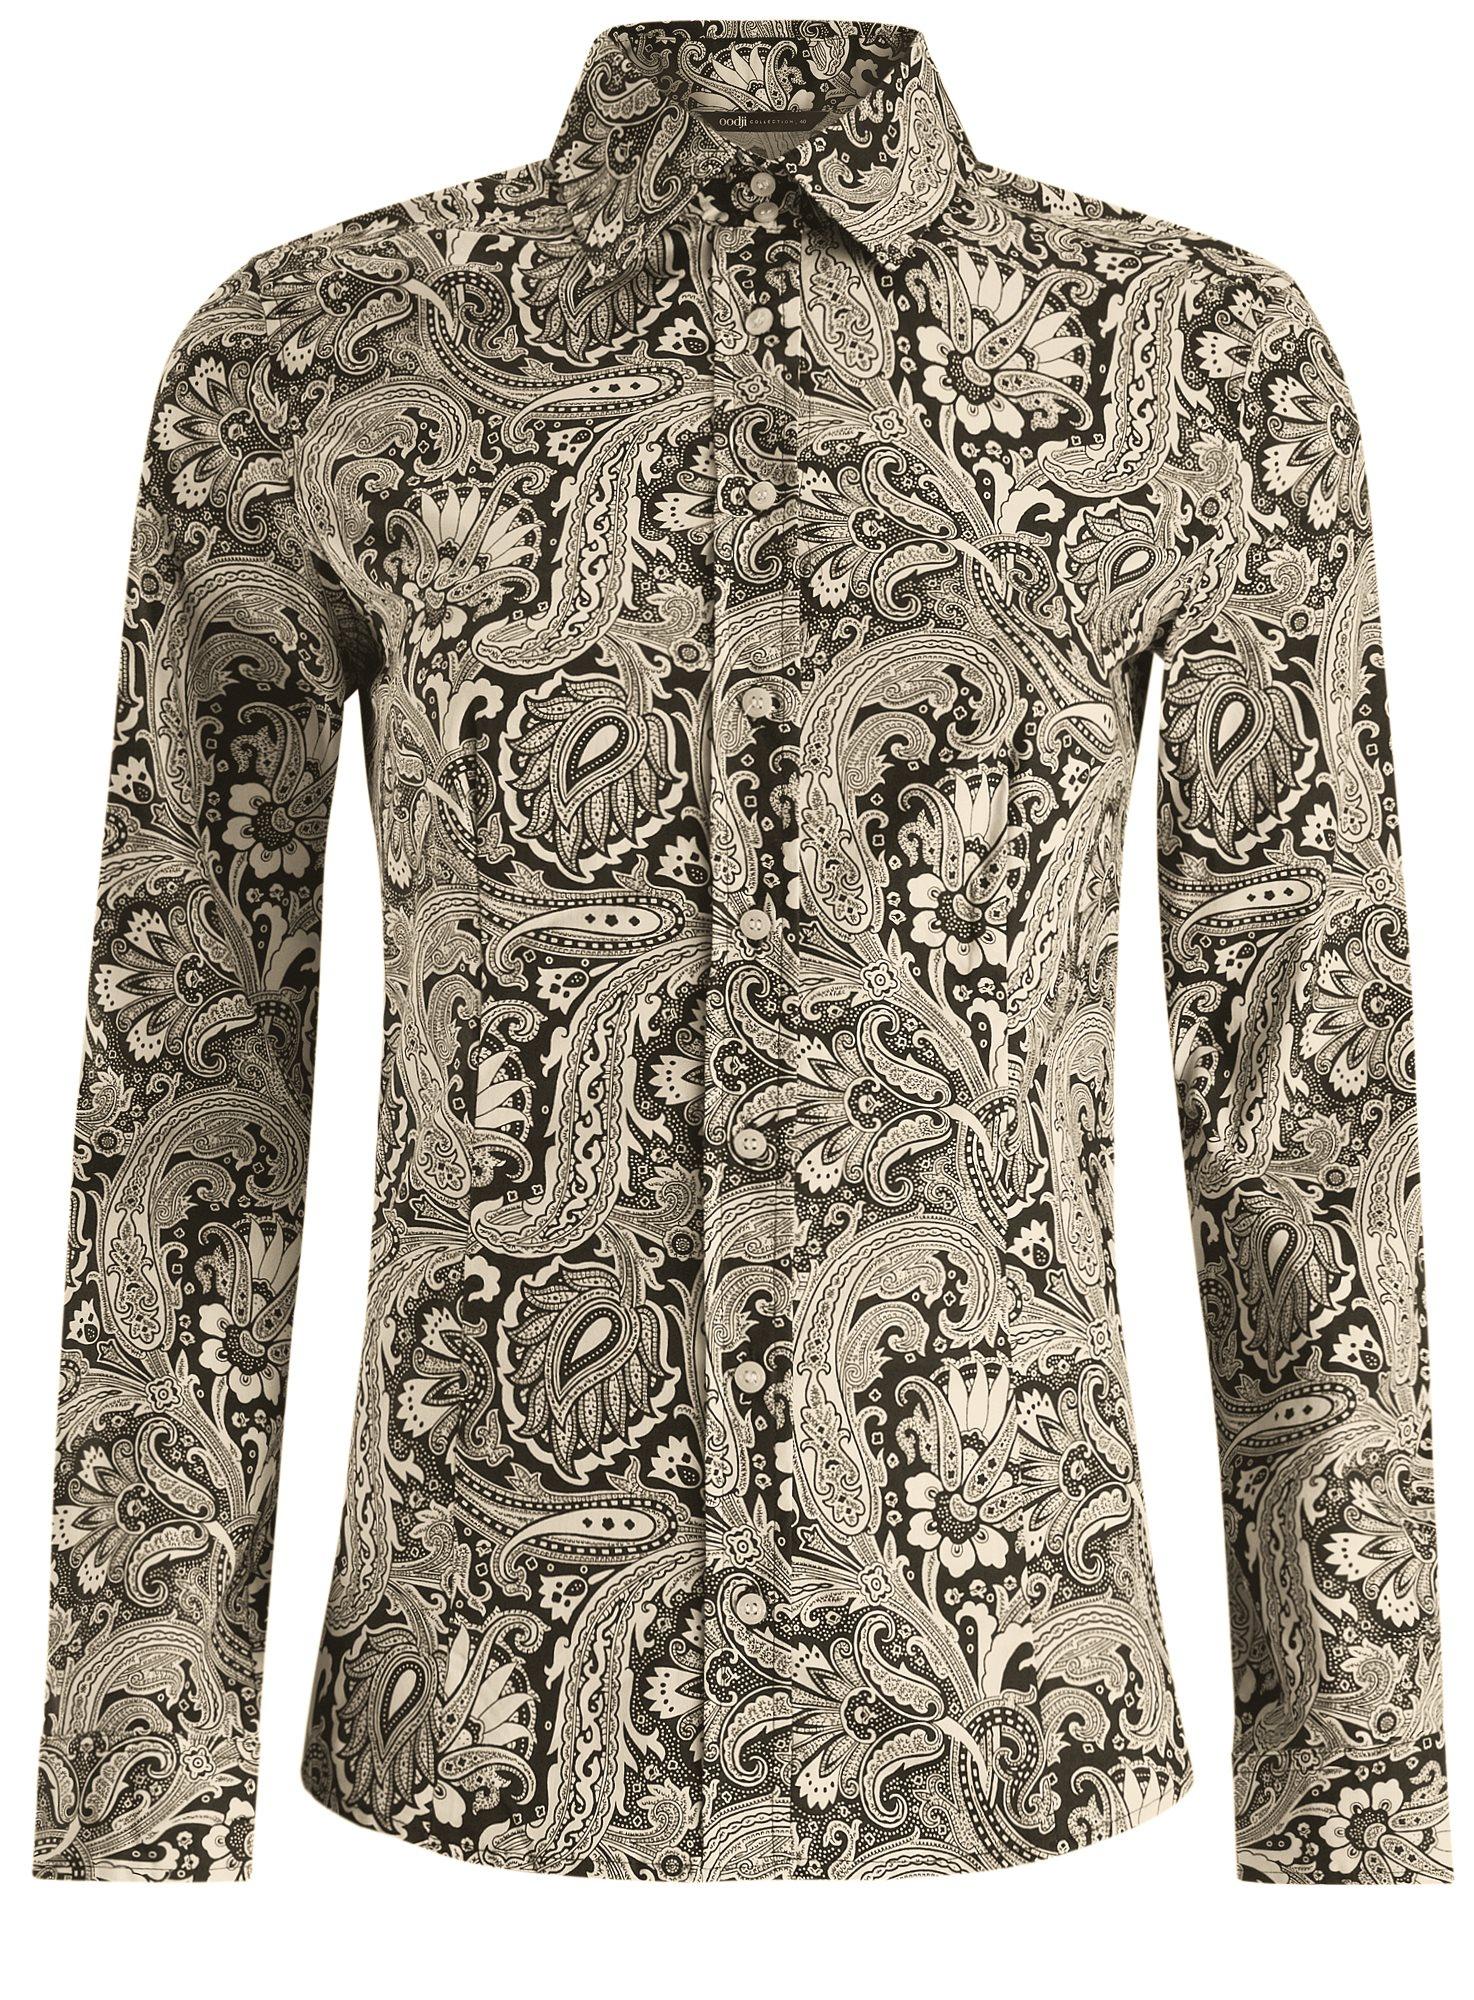 Рубашка приталенная принтованная oodji для женщины (бежевый), 21402212/14885/2930E